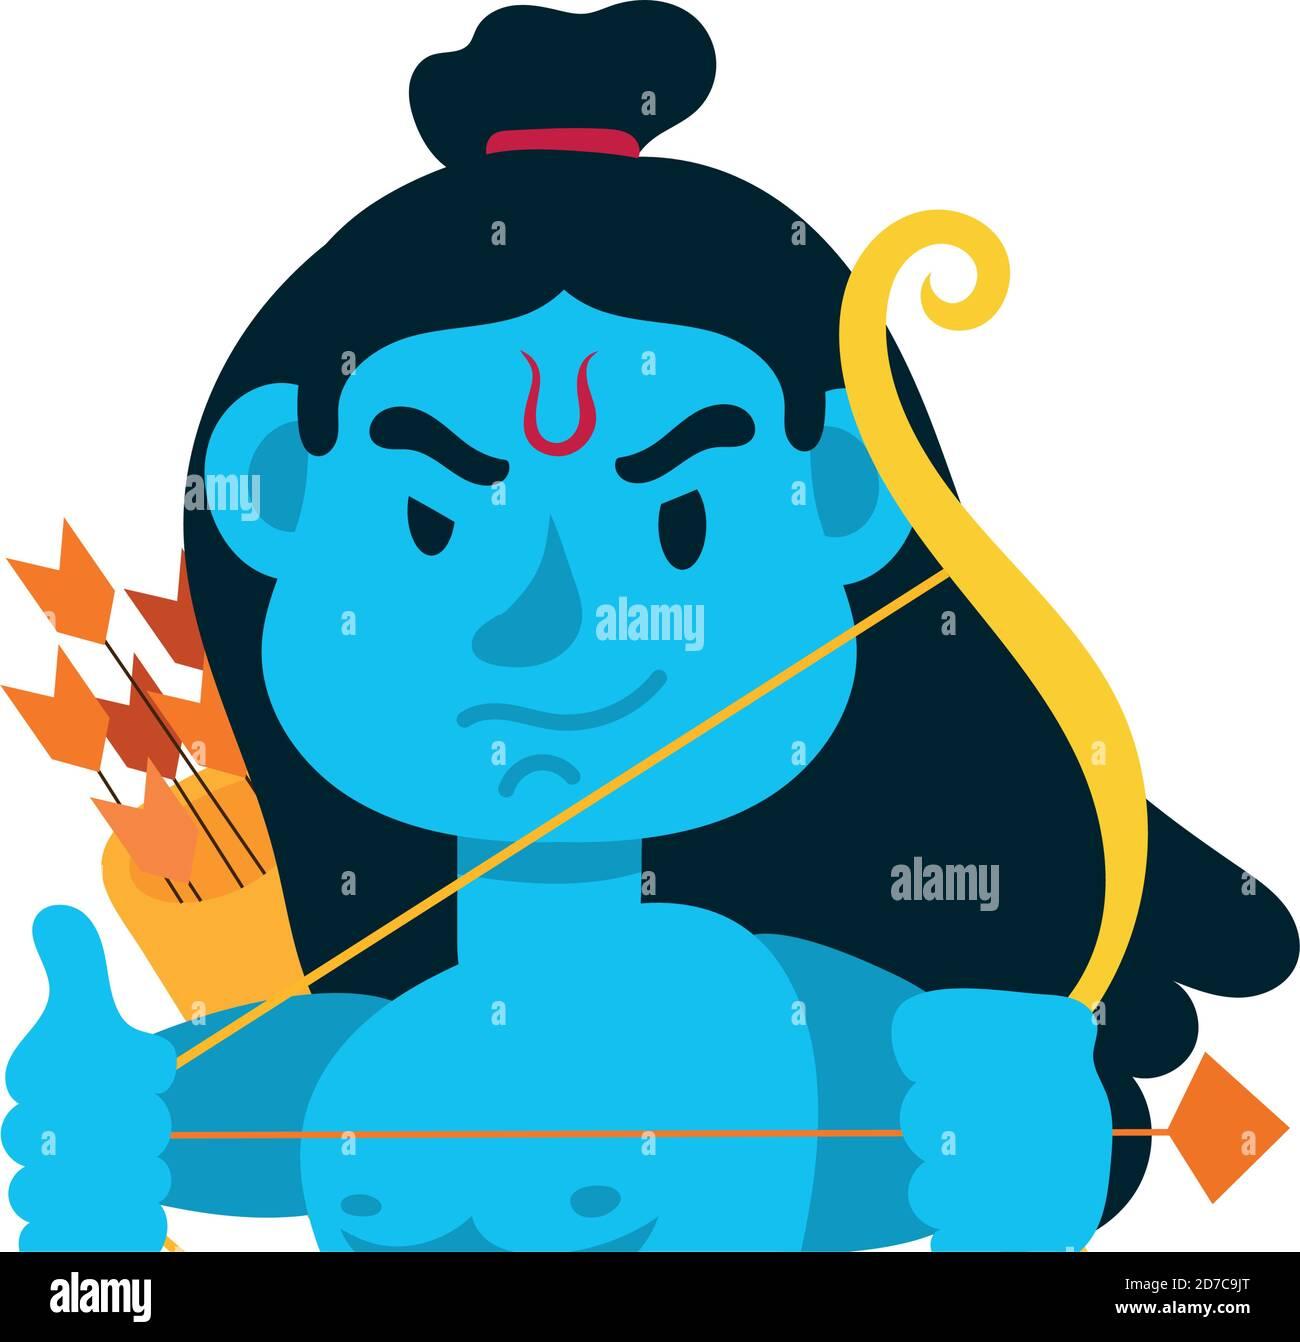 rama god avec motif vectoriel de personnage d'arche Illustration de Vecteur